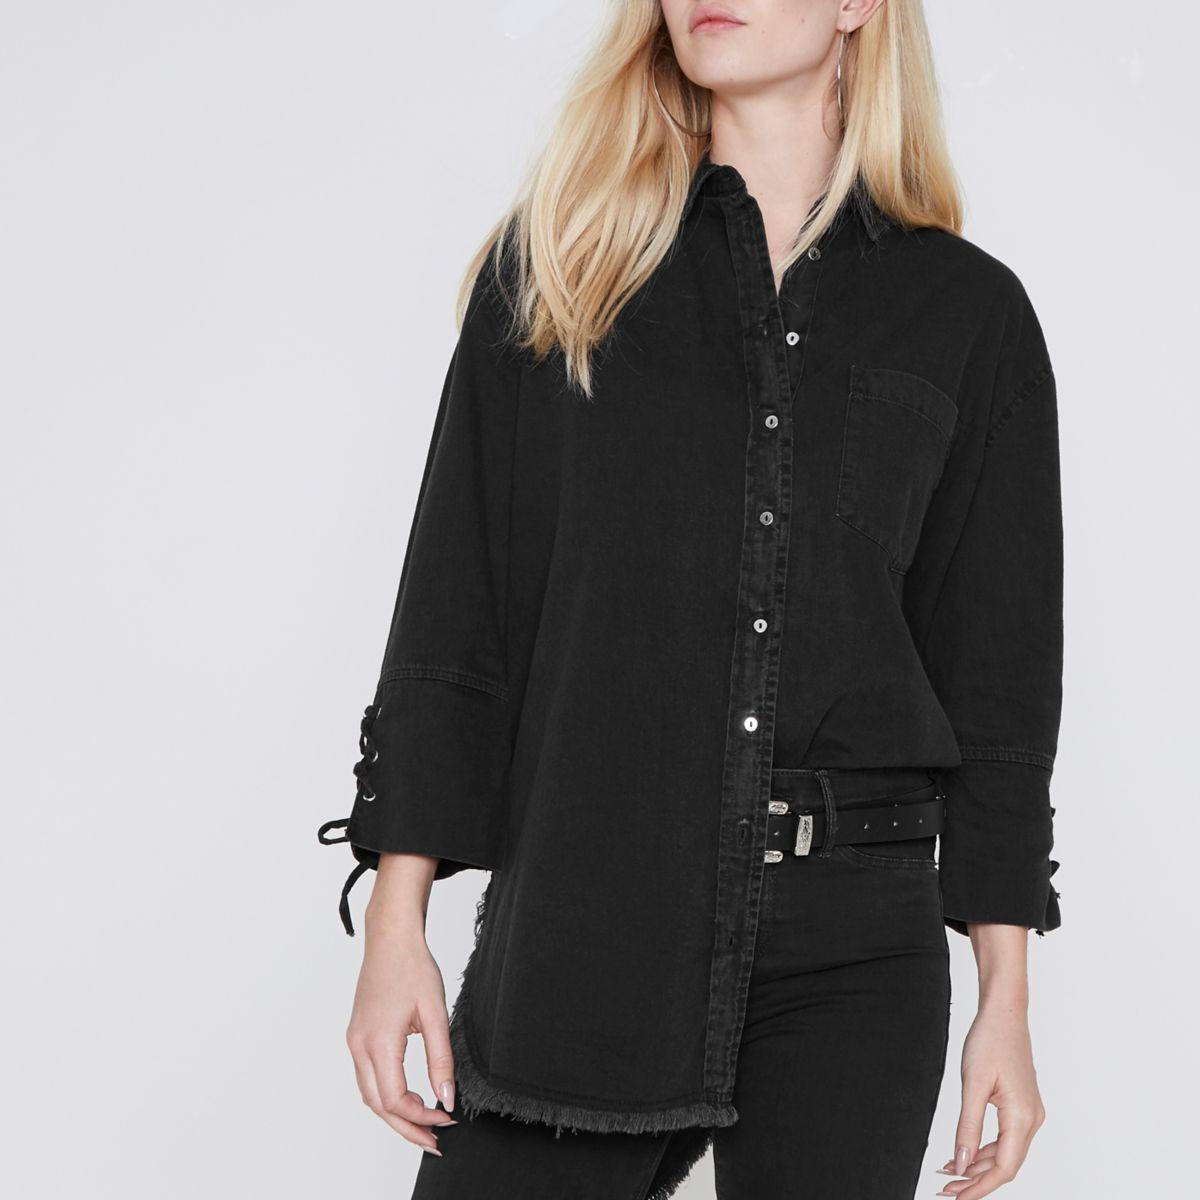 Schwarzes Jeanshemd mit Schnürbündchen